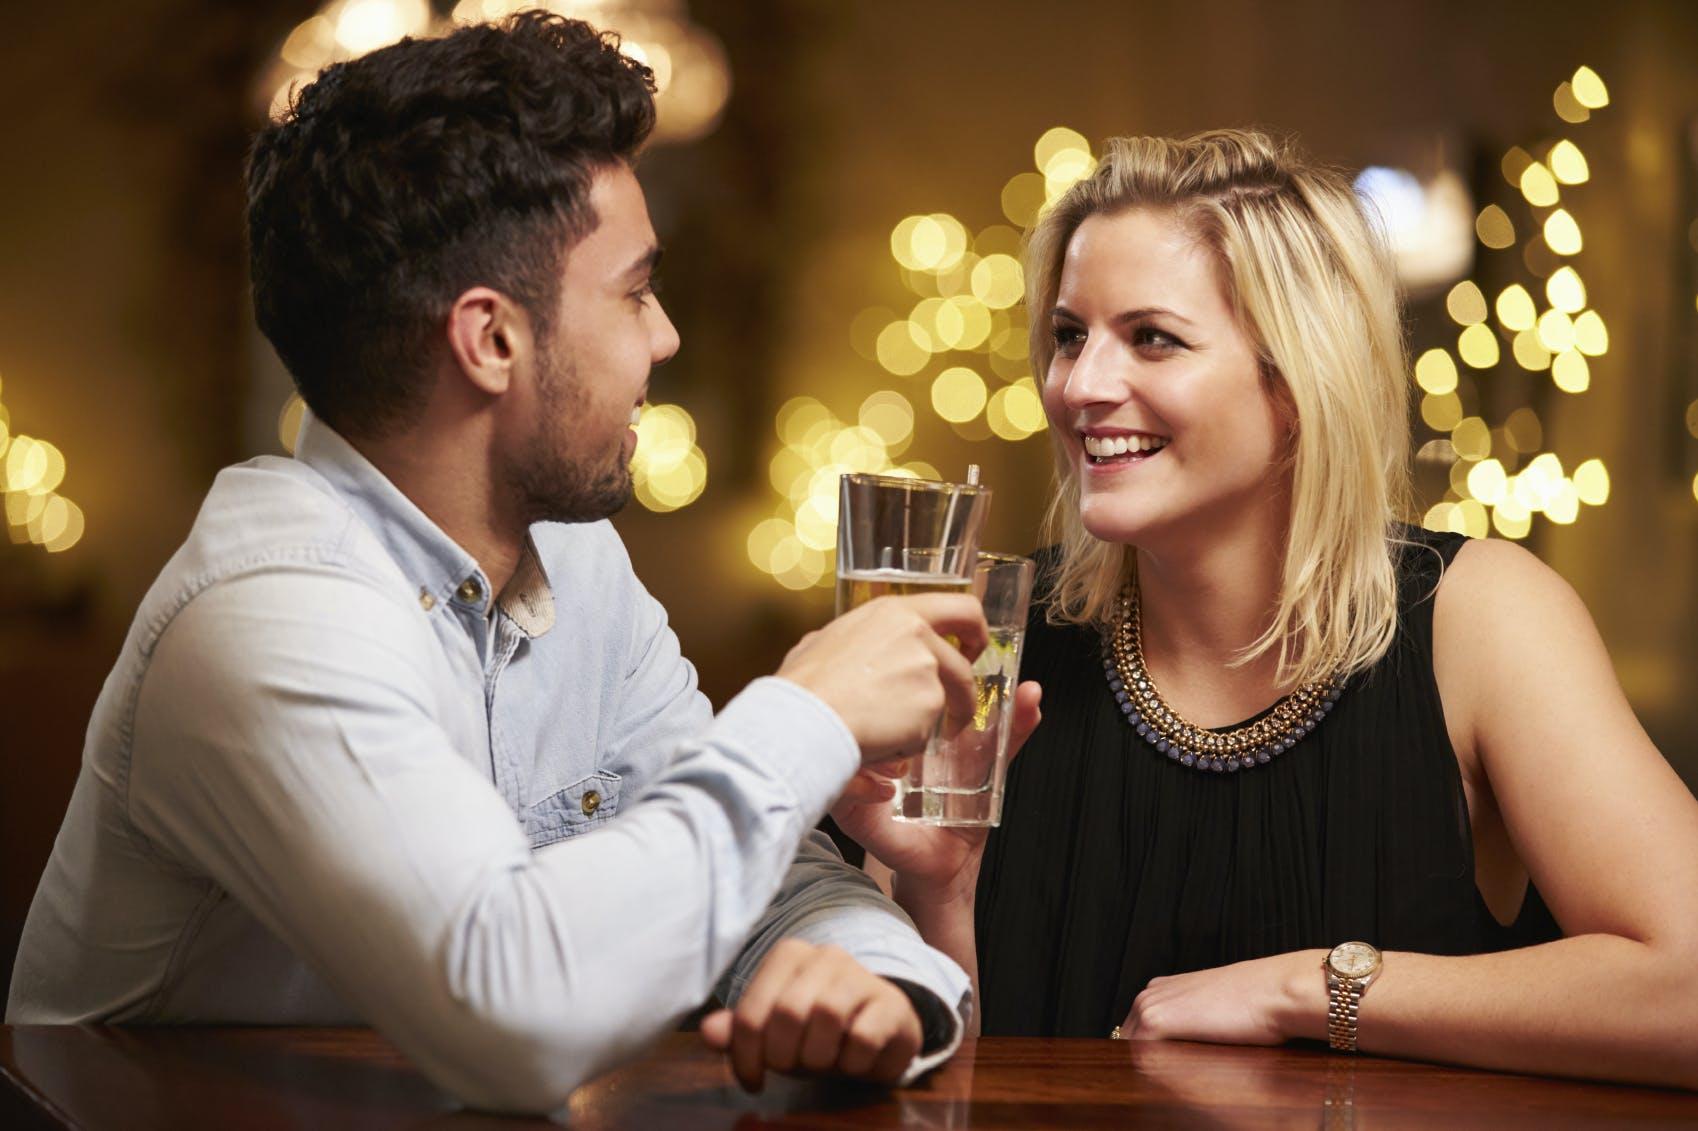 kvinders seksualitet sjove spørgsmål til date